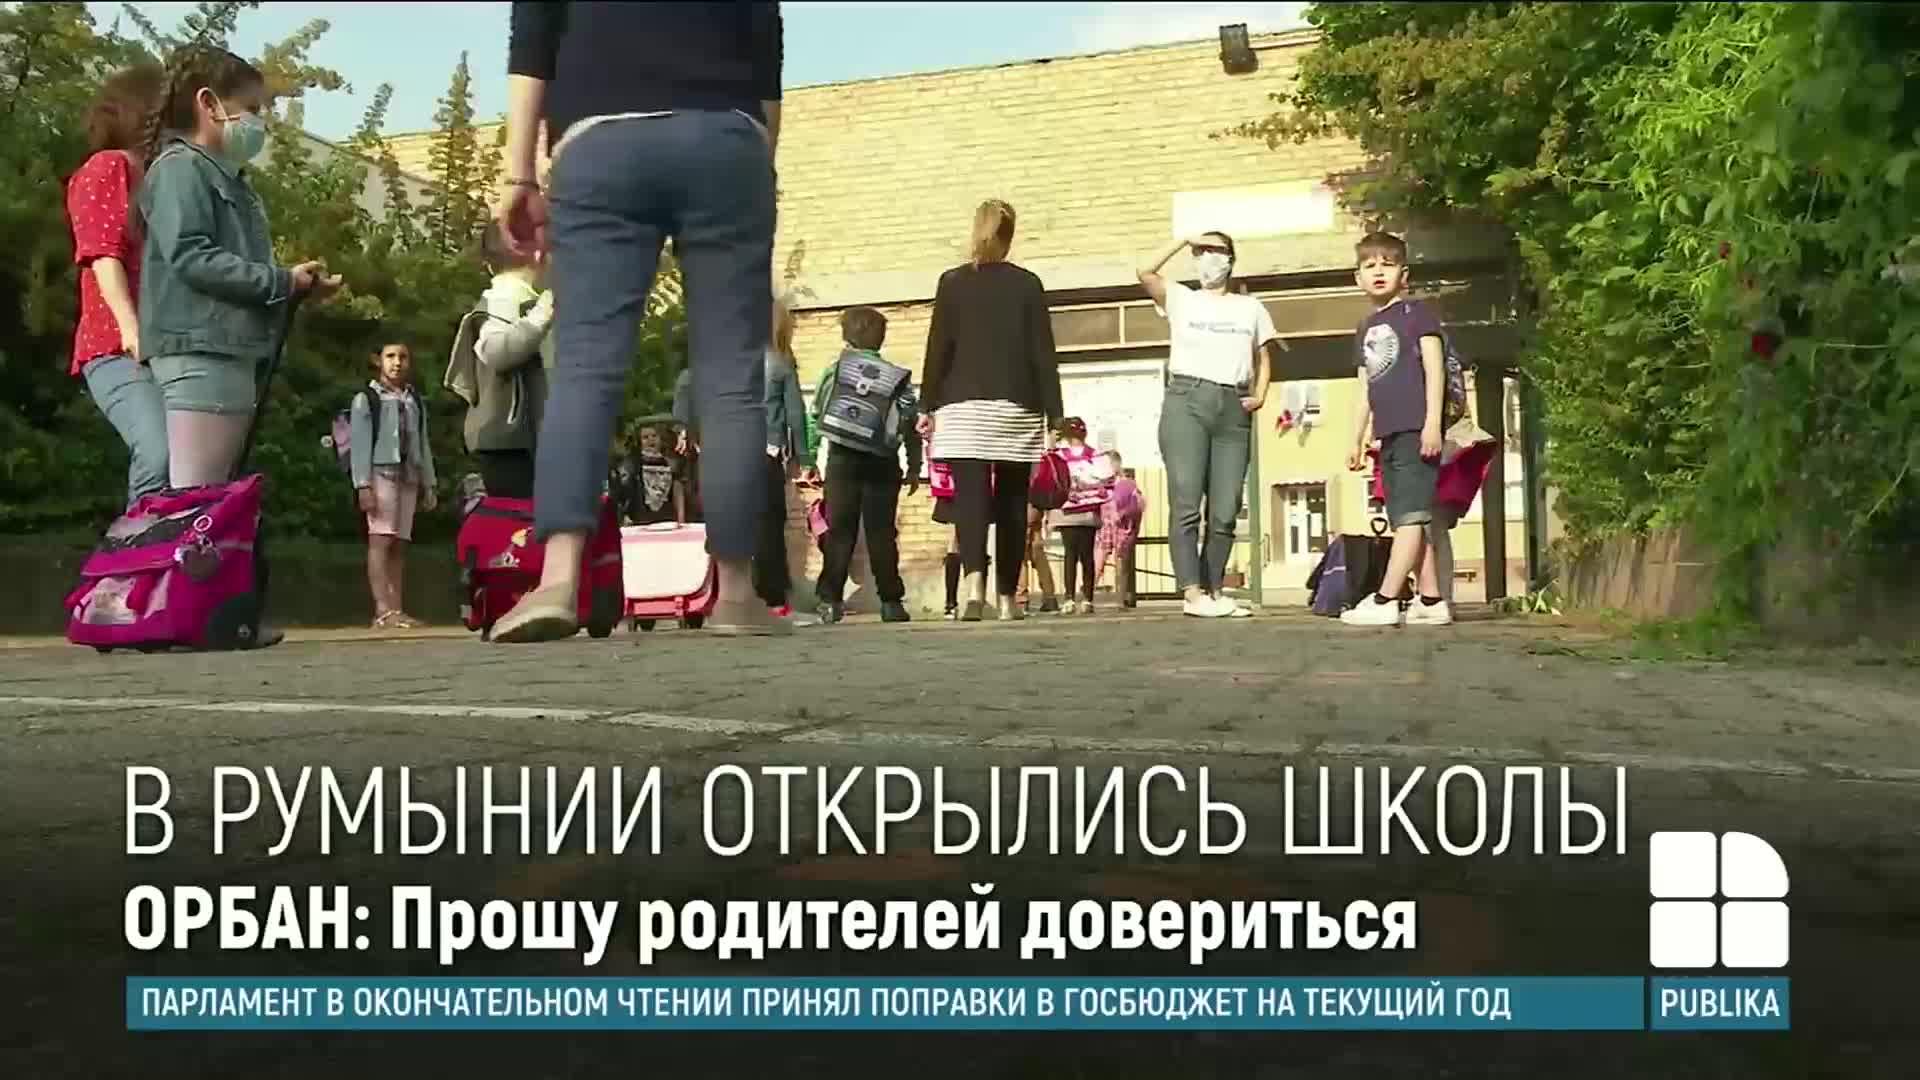 Снова в школу: как в условиях пандемии начинается учебный год в Румынии